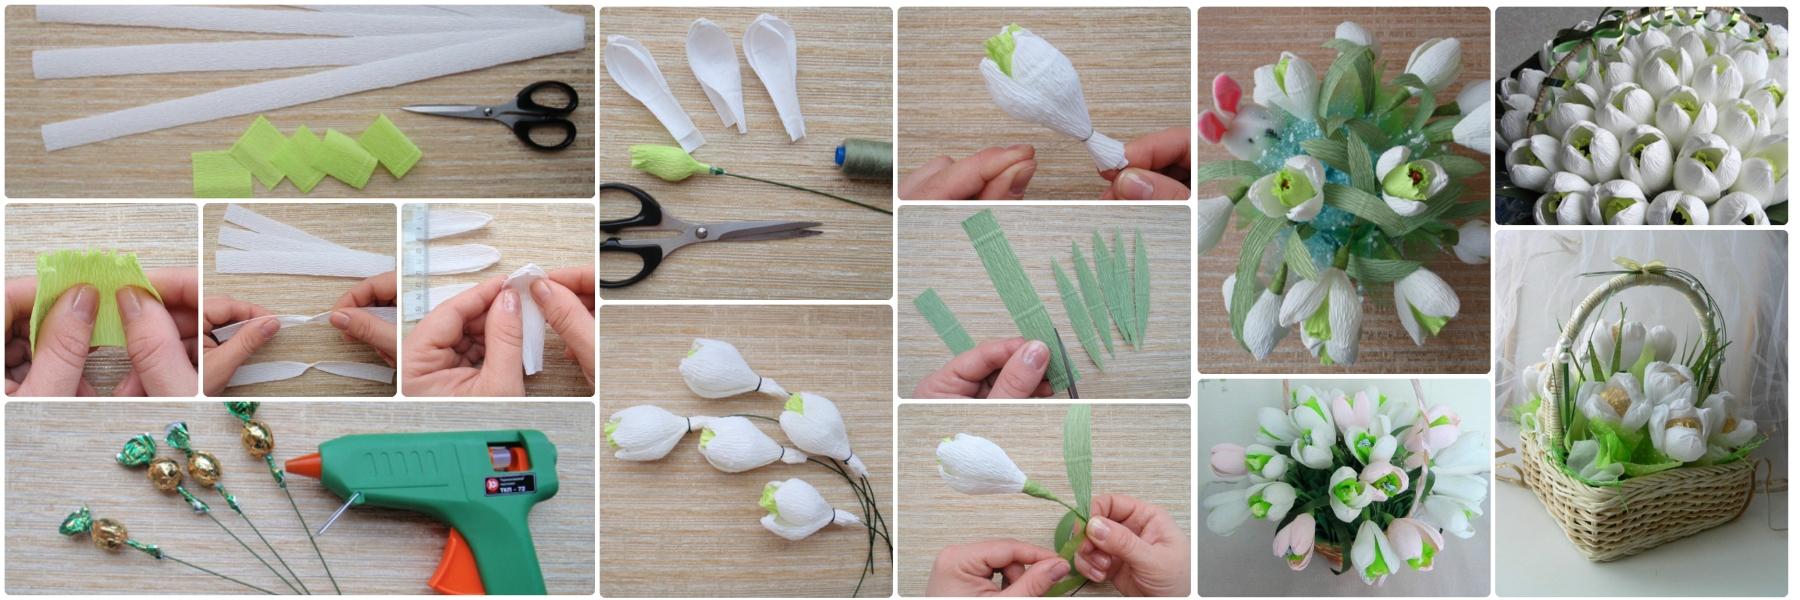 Изготовление тюльпанов из конфет и гофрированной бумаги